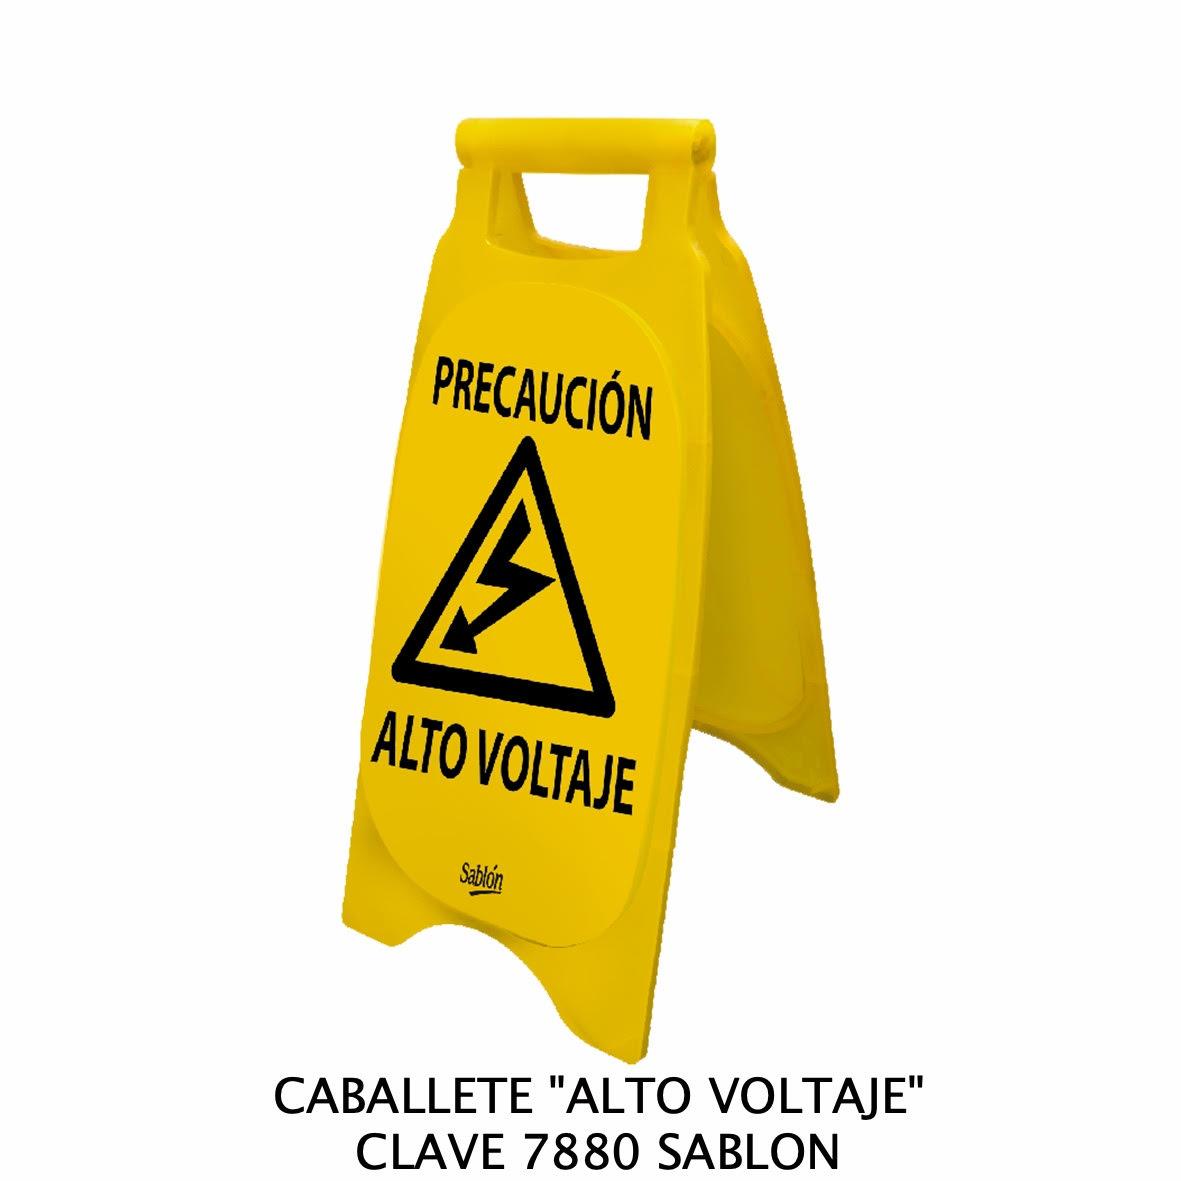 Caballete con señal ALTO VOLTAJE Clave 7880 de Sablón